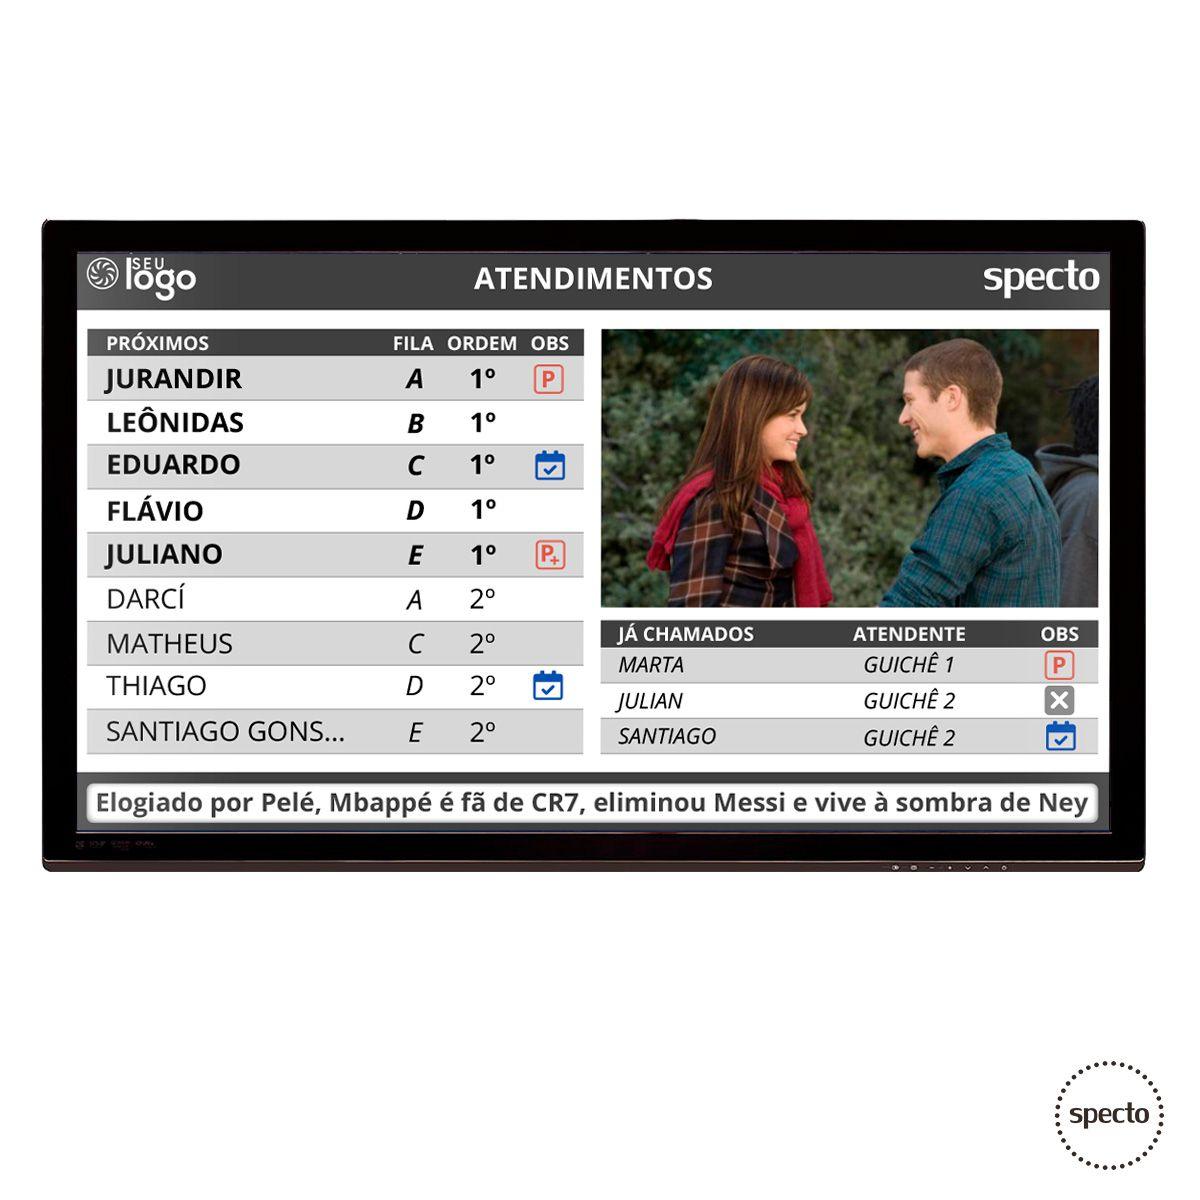 QUALPROX® UNITY NoPrint TV Corporativa com Triagem (Locação)  -  Specto Tecnologia